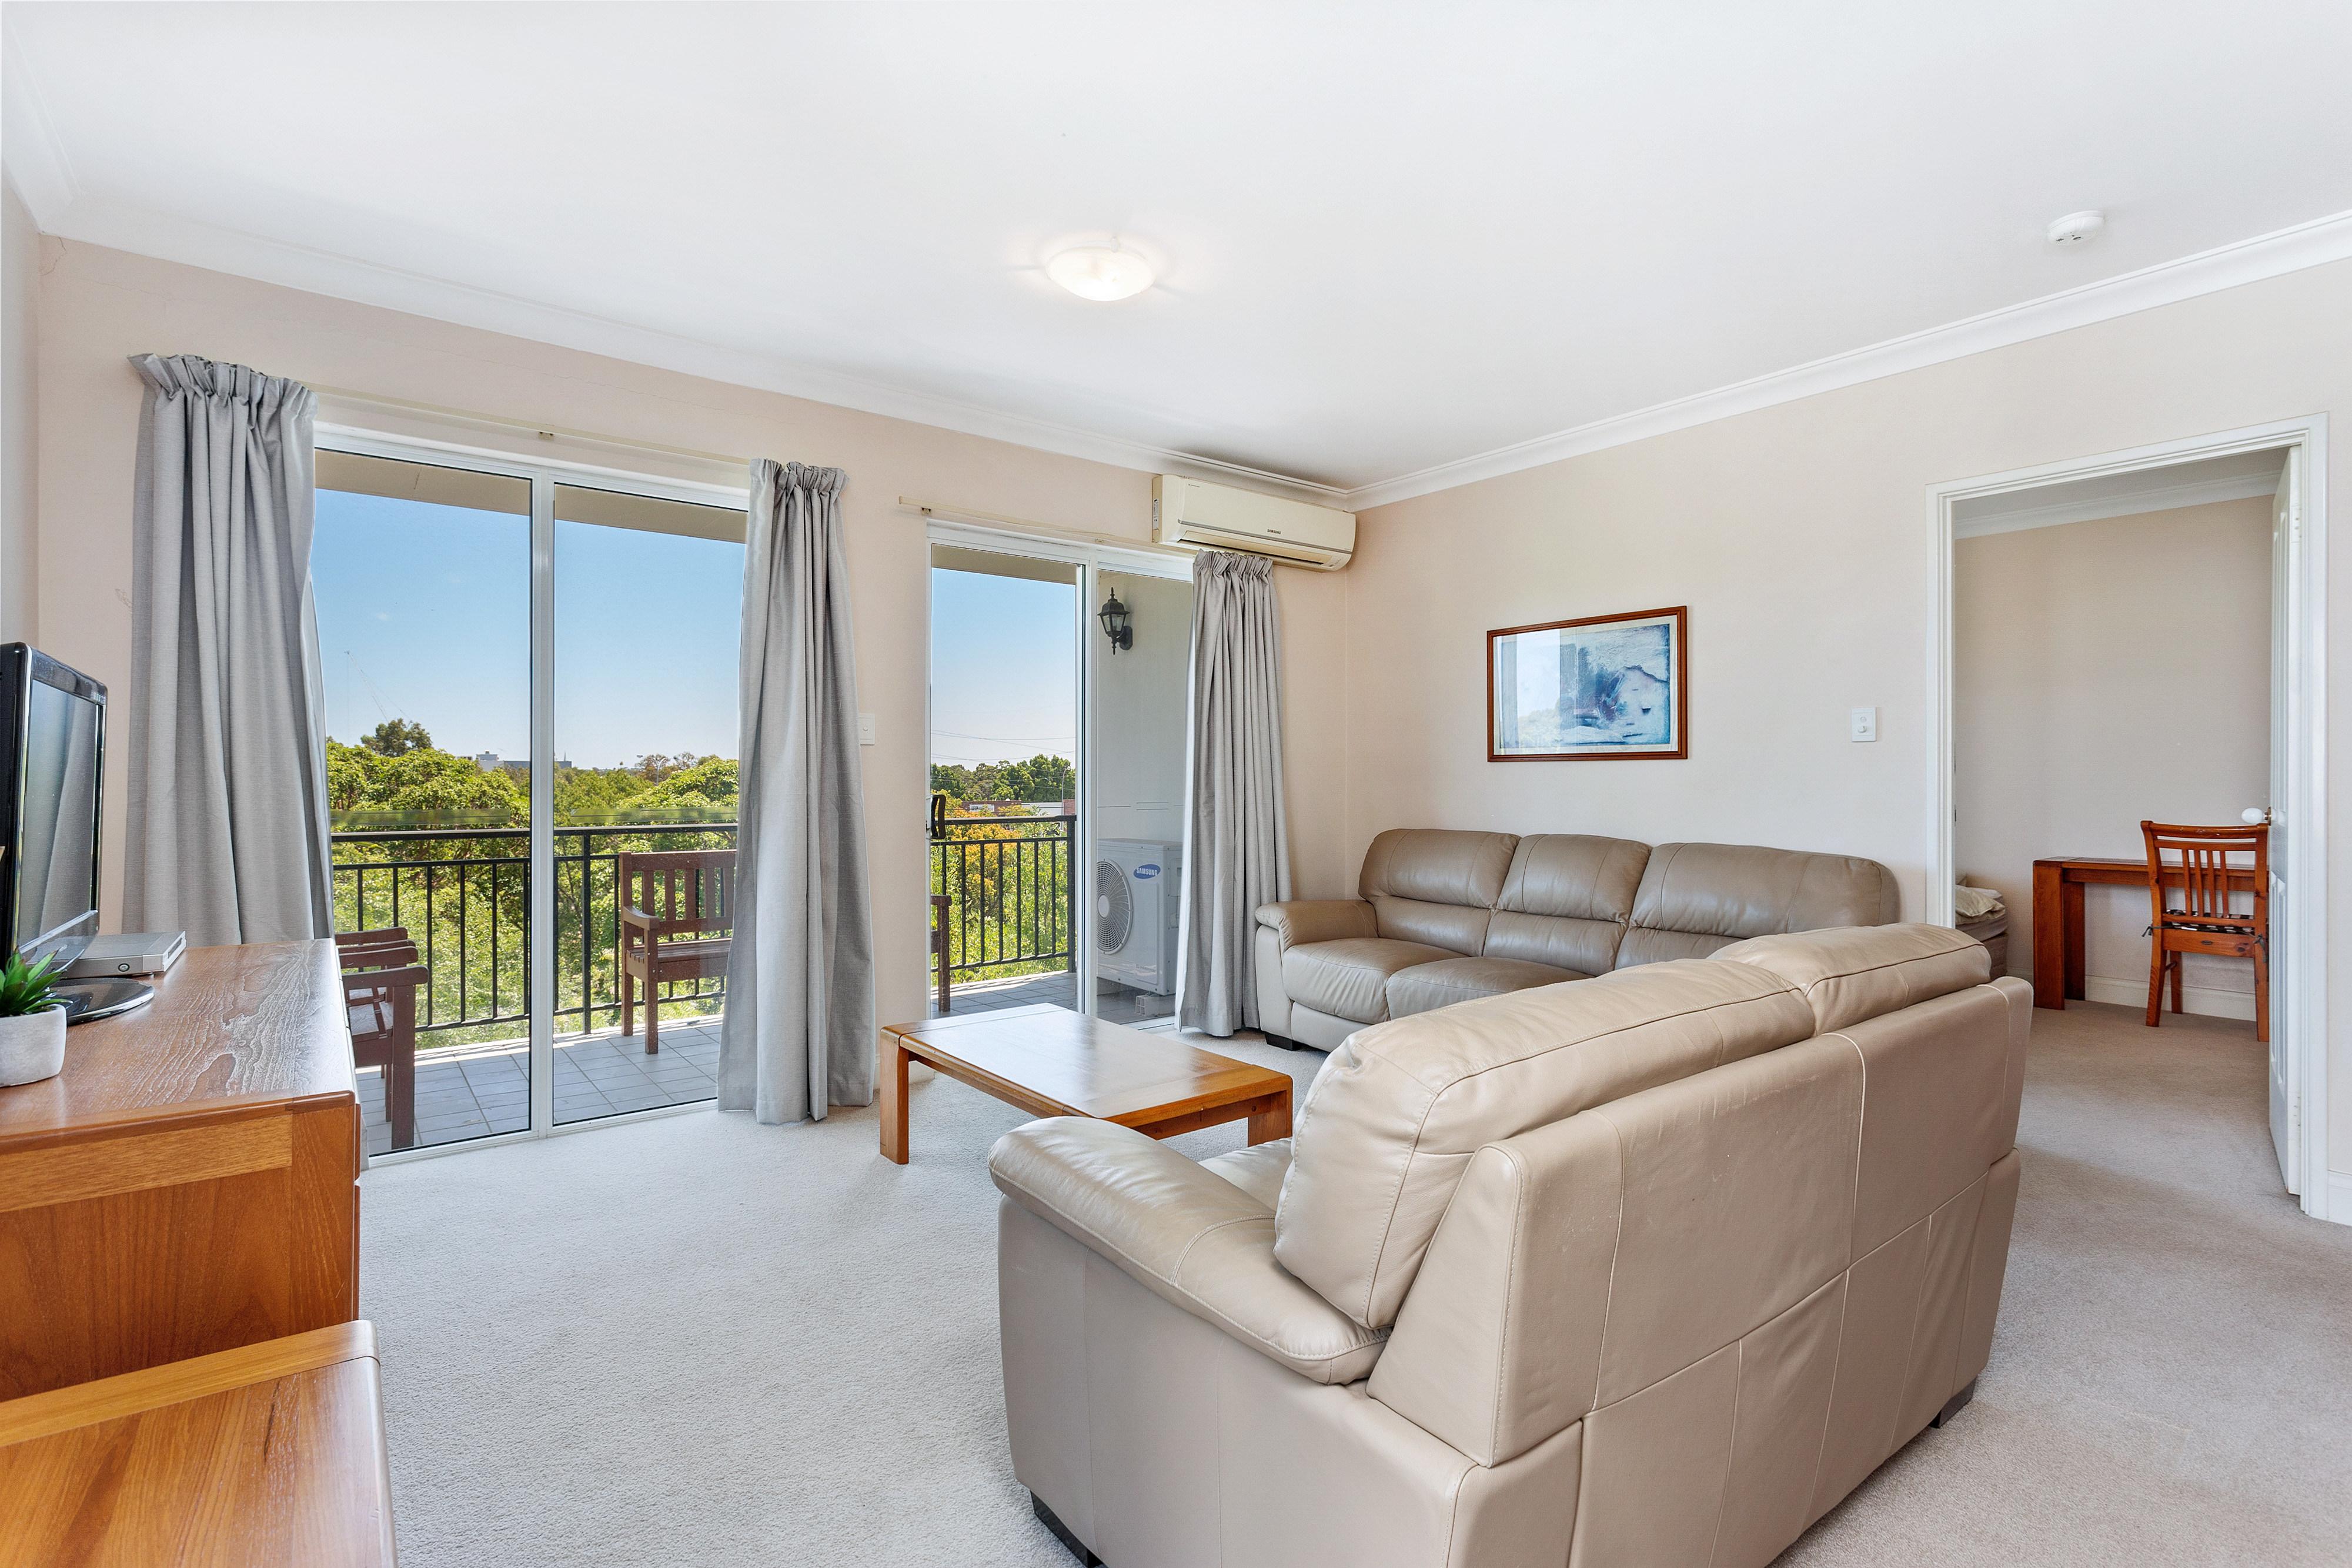 PRINT 9w 161 Colin Street, West Perth 09